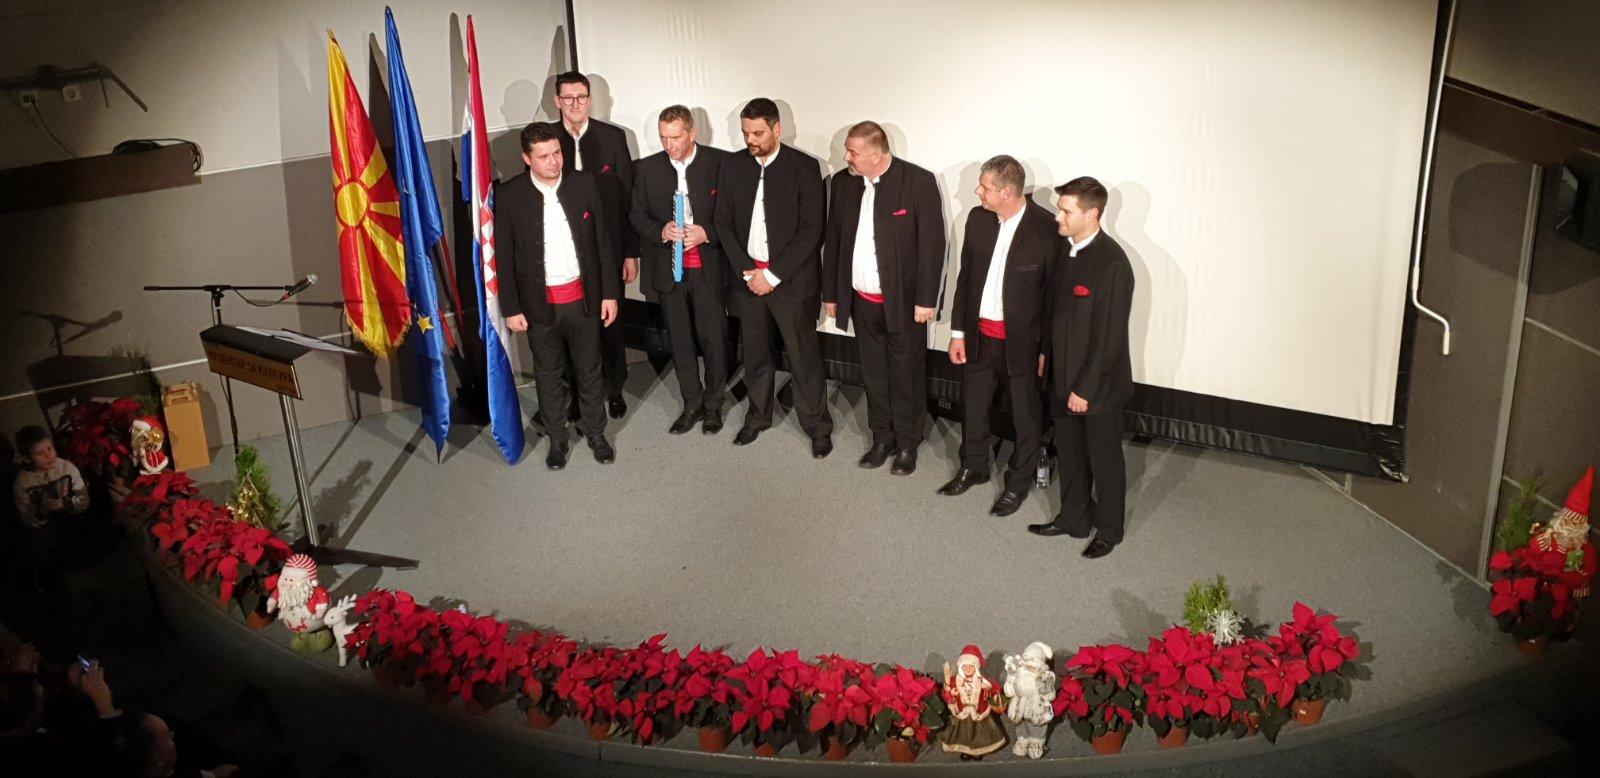 Божиќен и новогодишен концерт на Машка клапа од Хрватска во Центарот за Култура во Битола